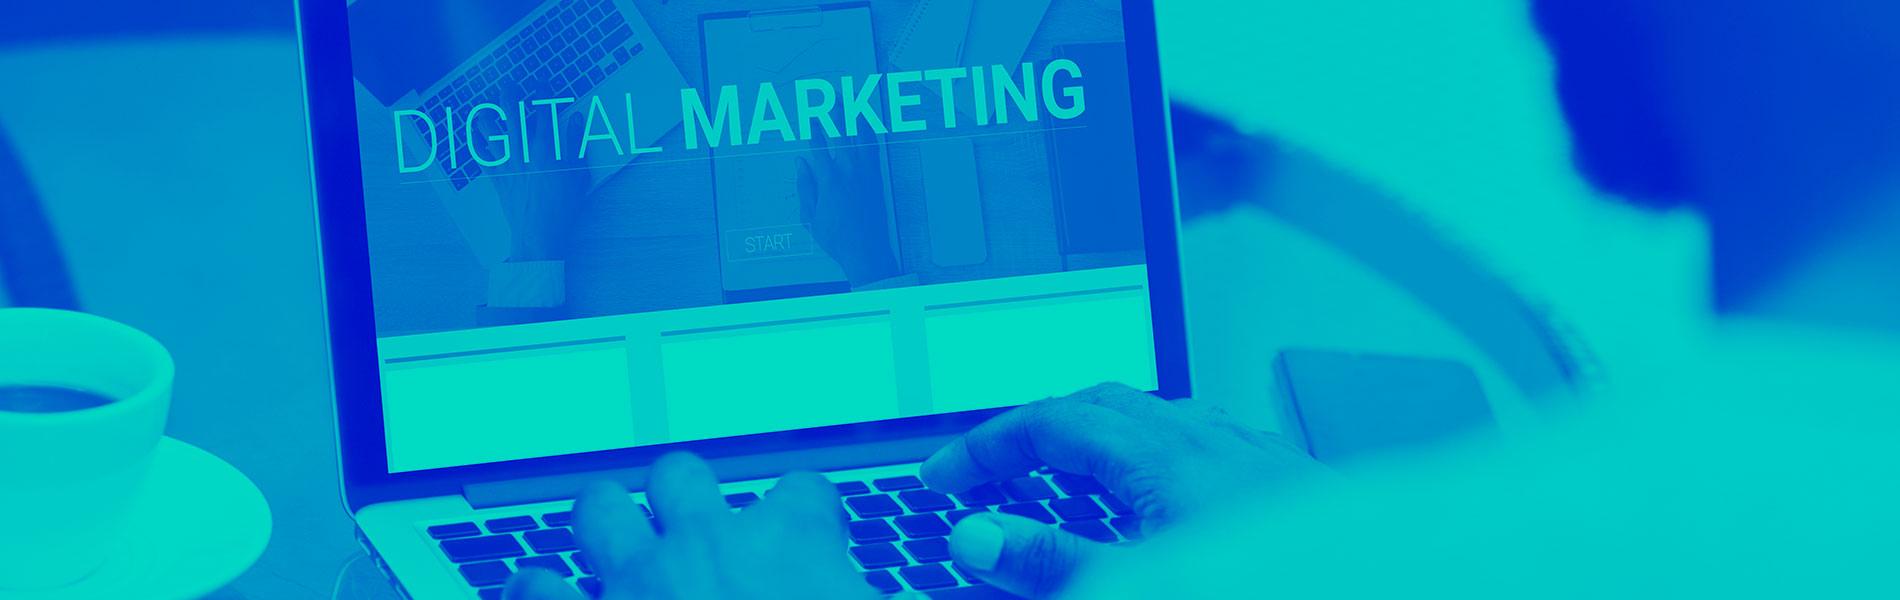 Servicios de Marketing Digital: Diferencias y usos